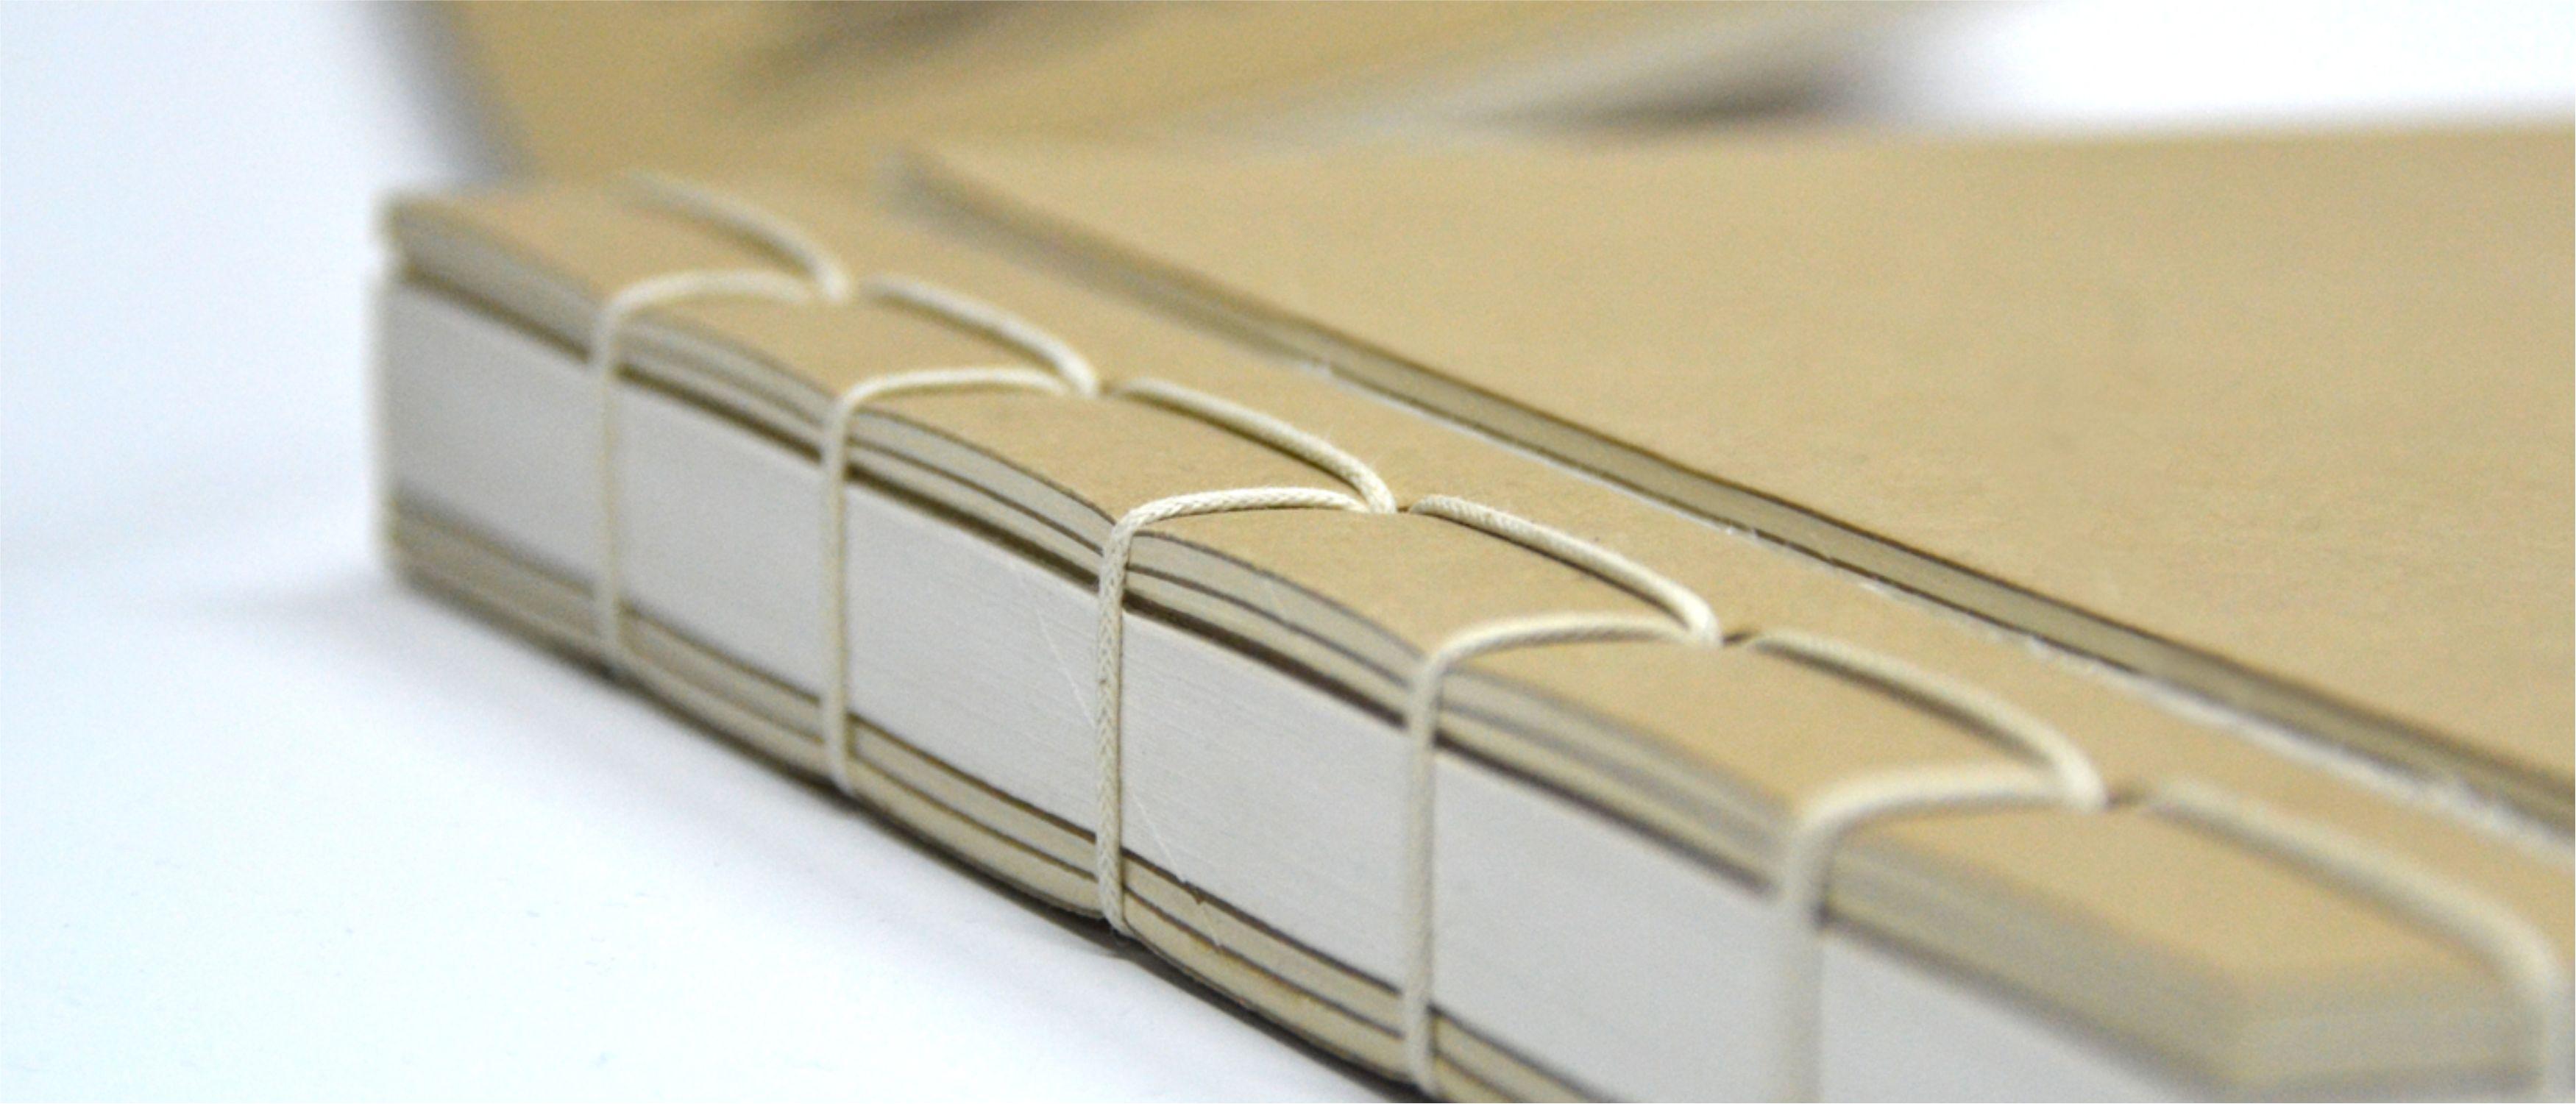 Βιβλιοδεσία/Bookbinding